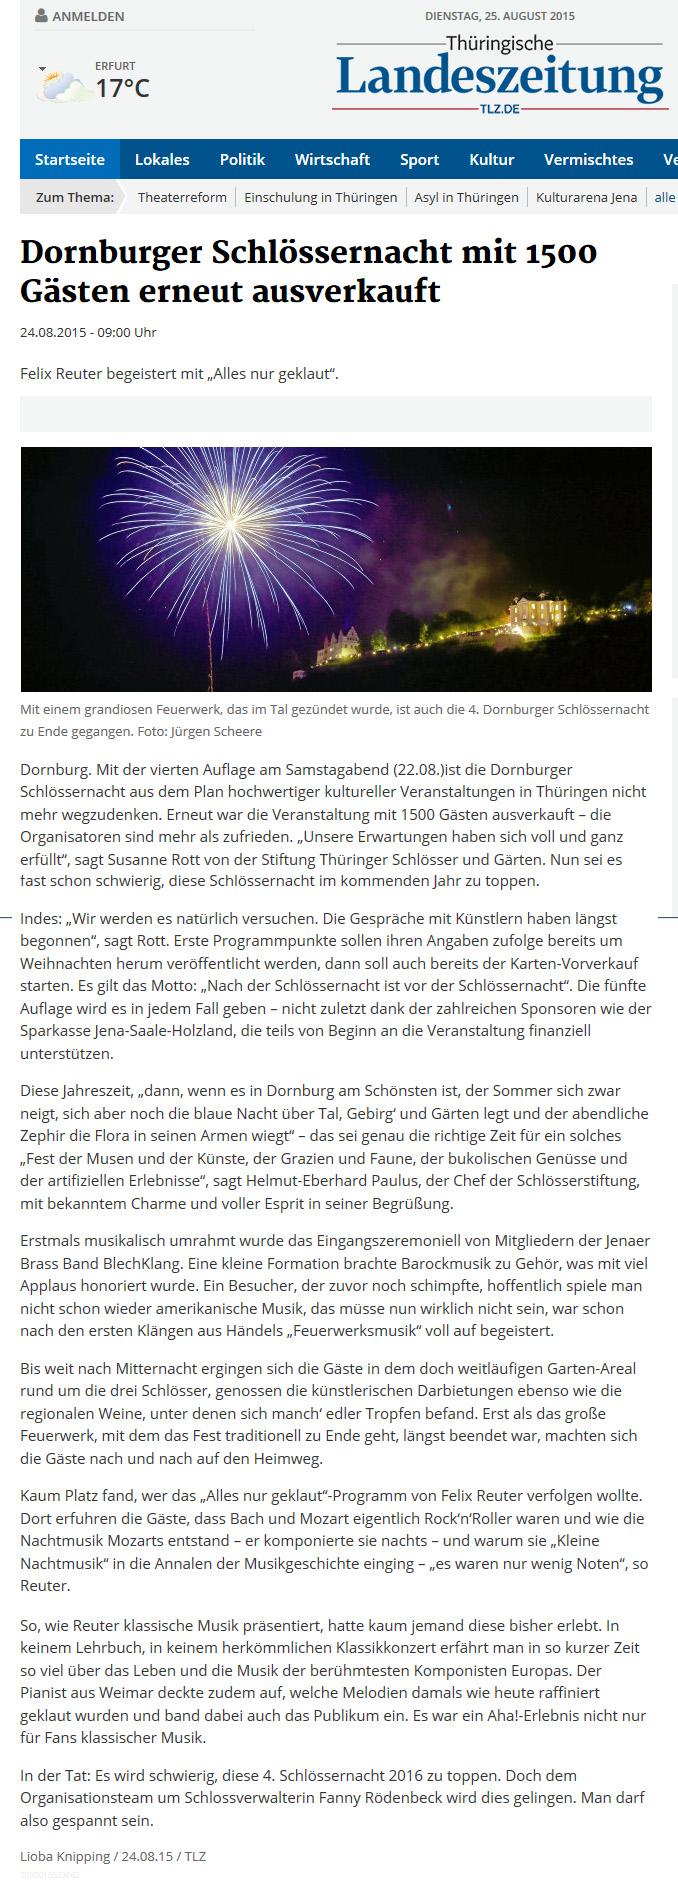 Feuerwerk zur Dornburger Schlössernacht